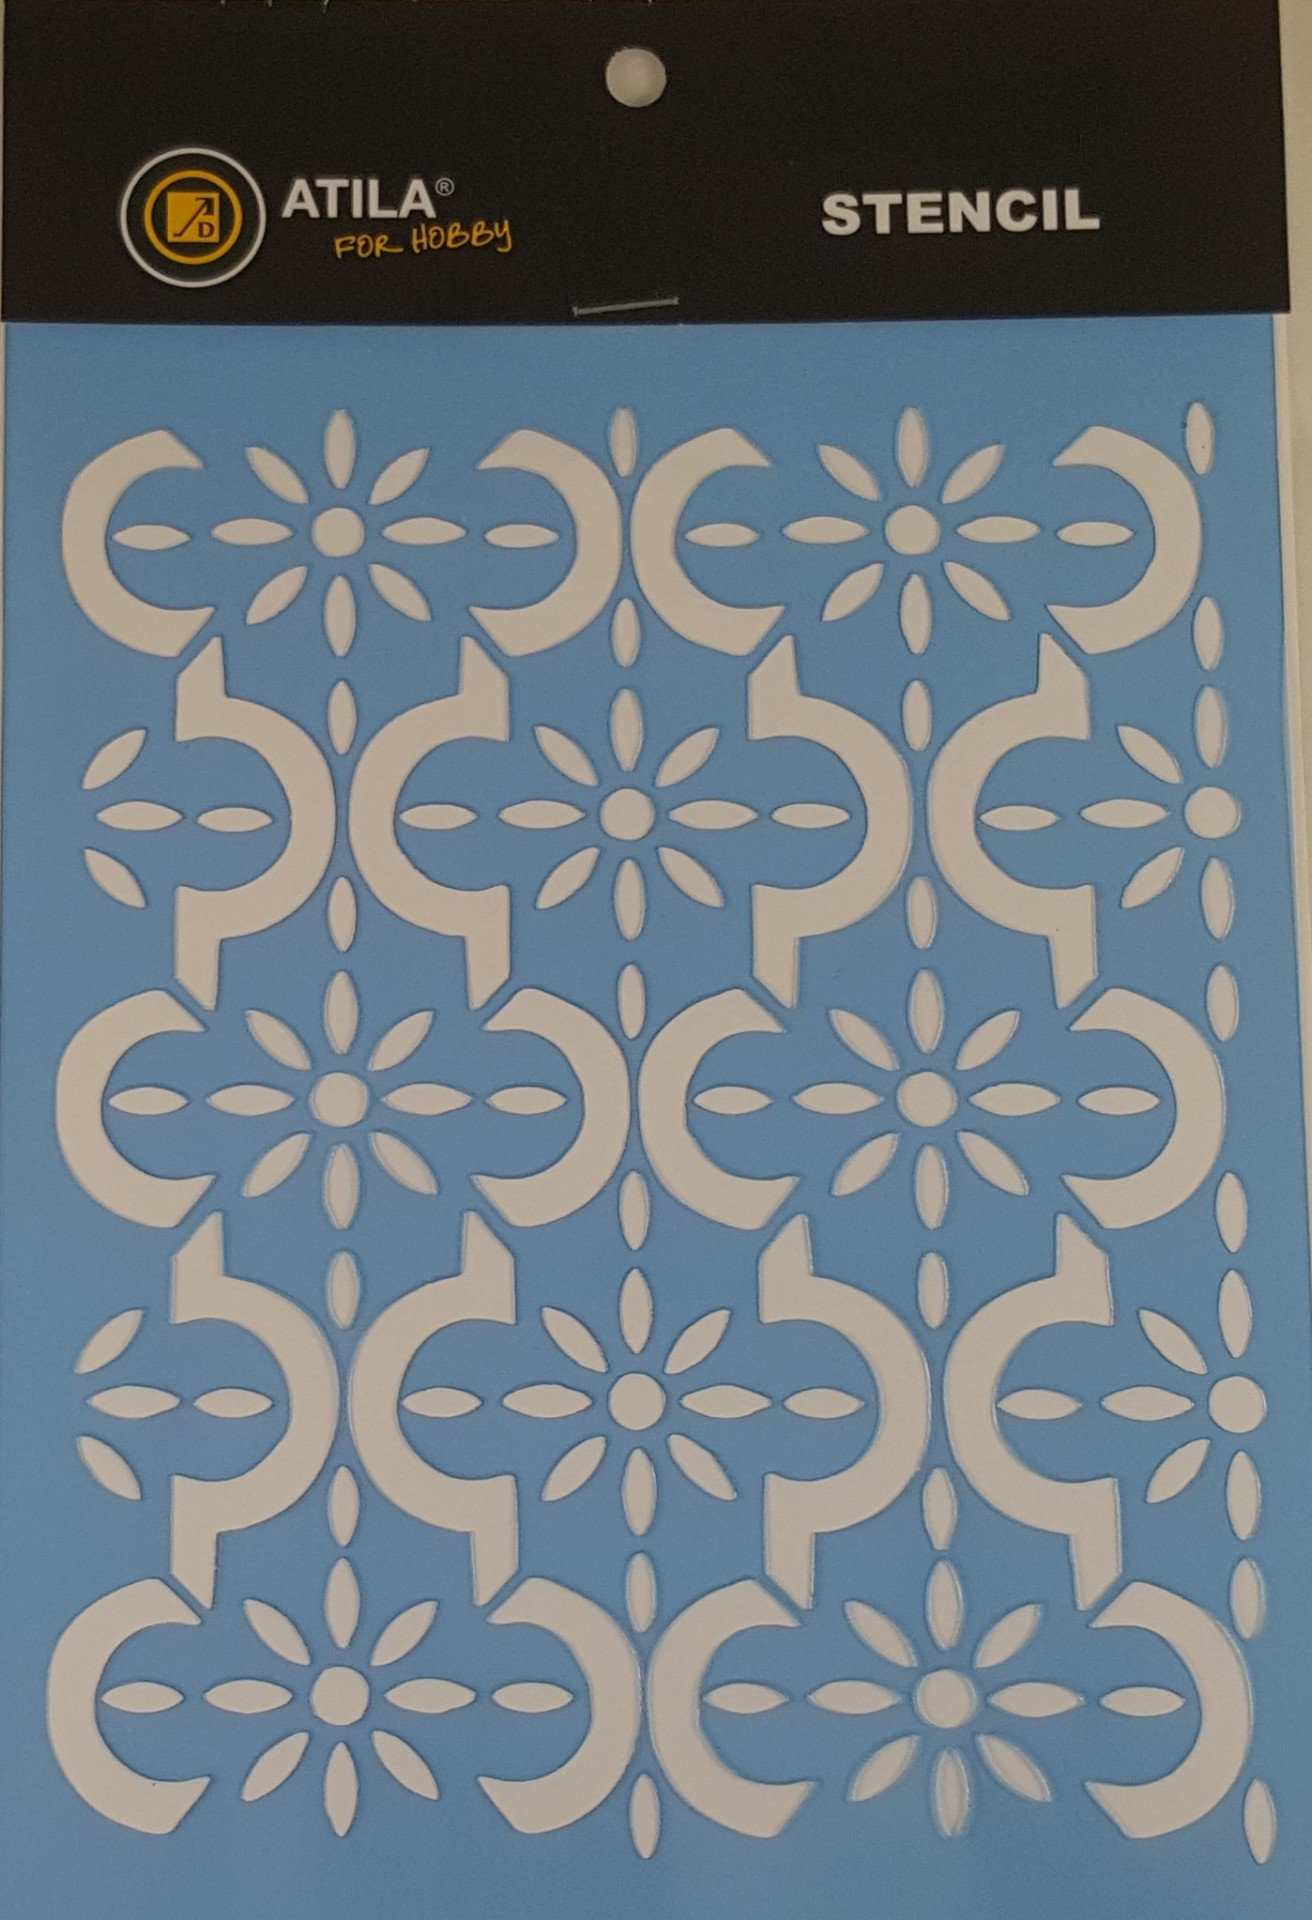 Stencil padrão marroquino